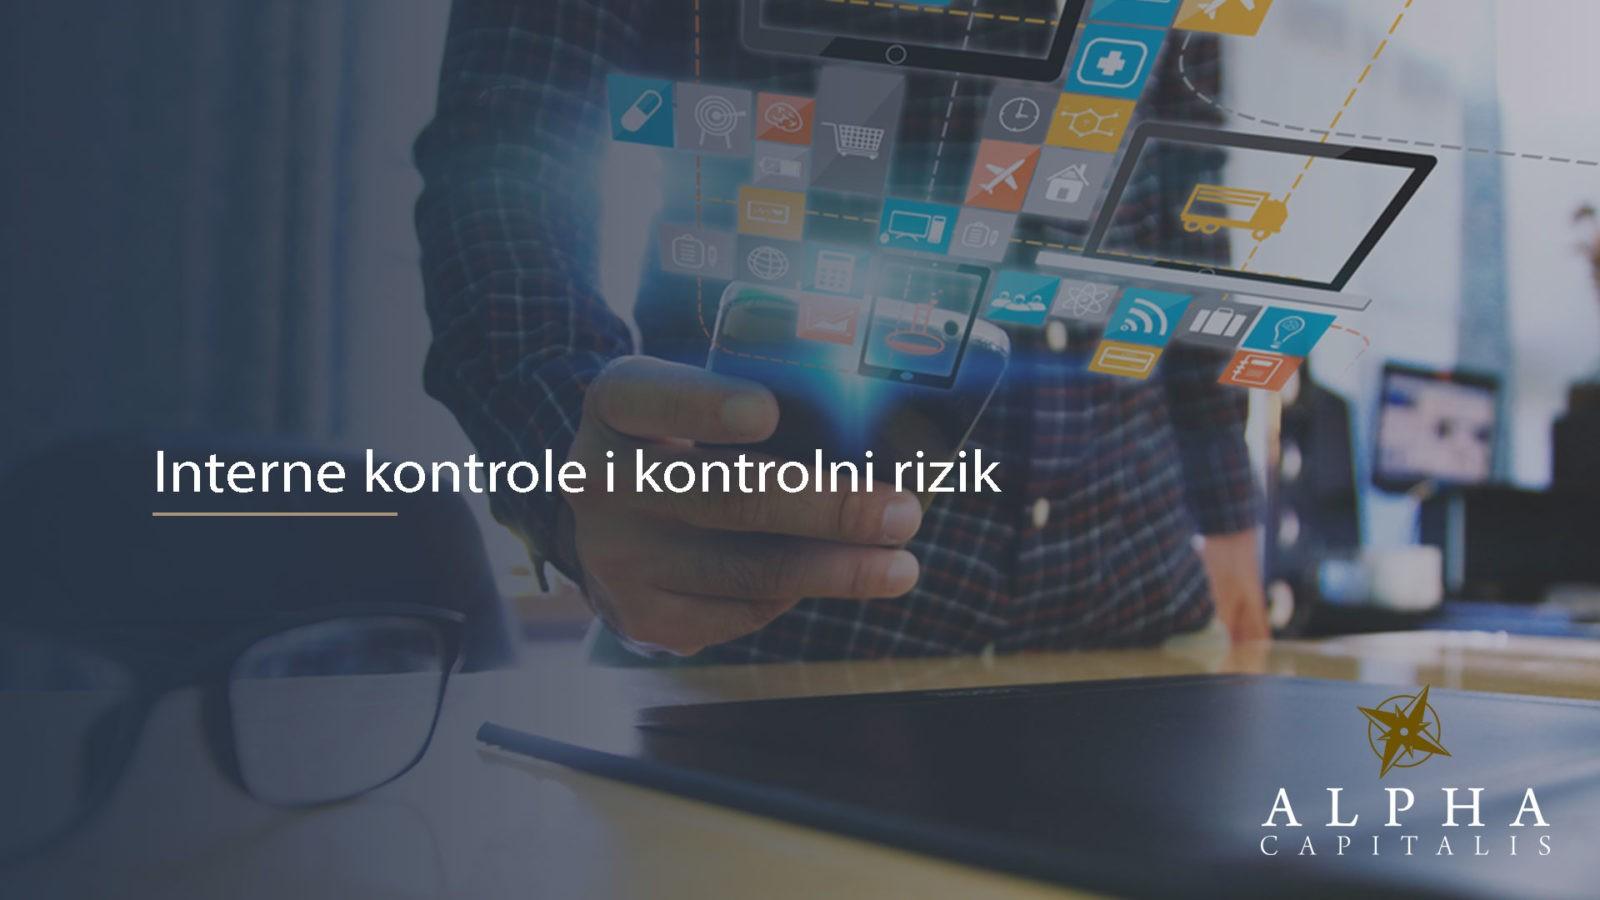 Interne kontrole 2019 12 22 - Ocjena sustava internih kontrola i procjena kontrolnog rizika